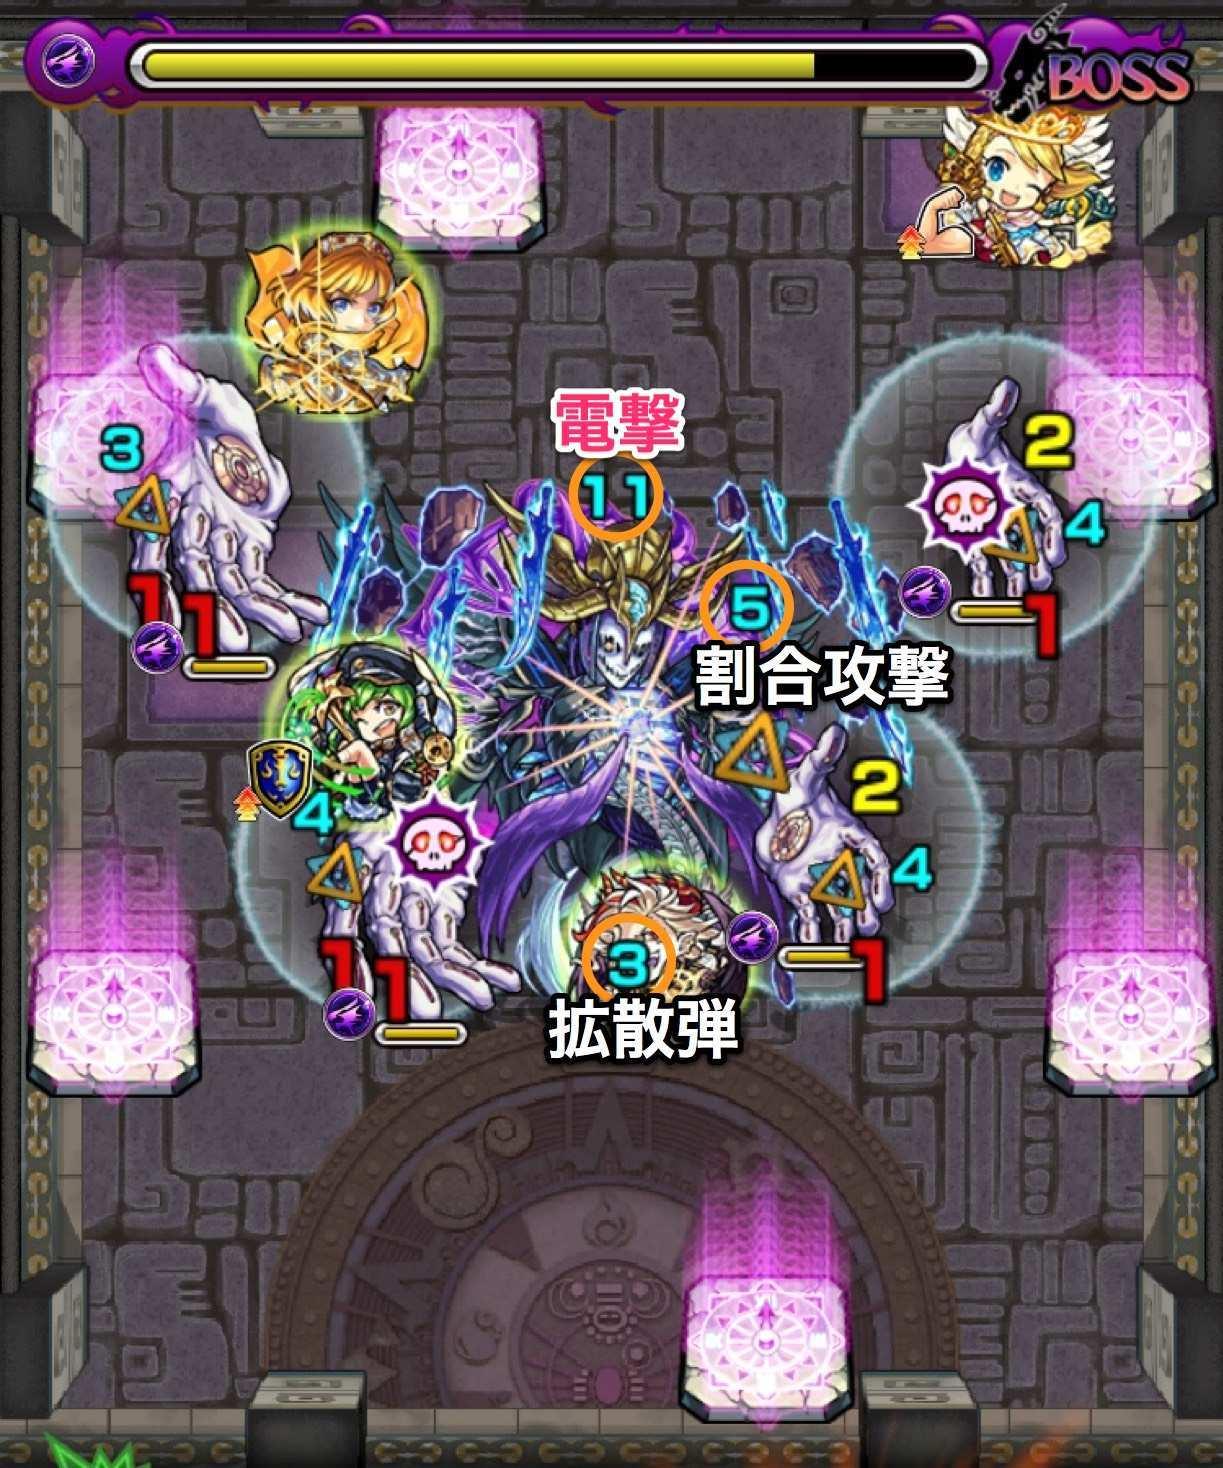 覇者の塔40階ボス4攻略.jpg